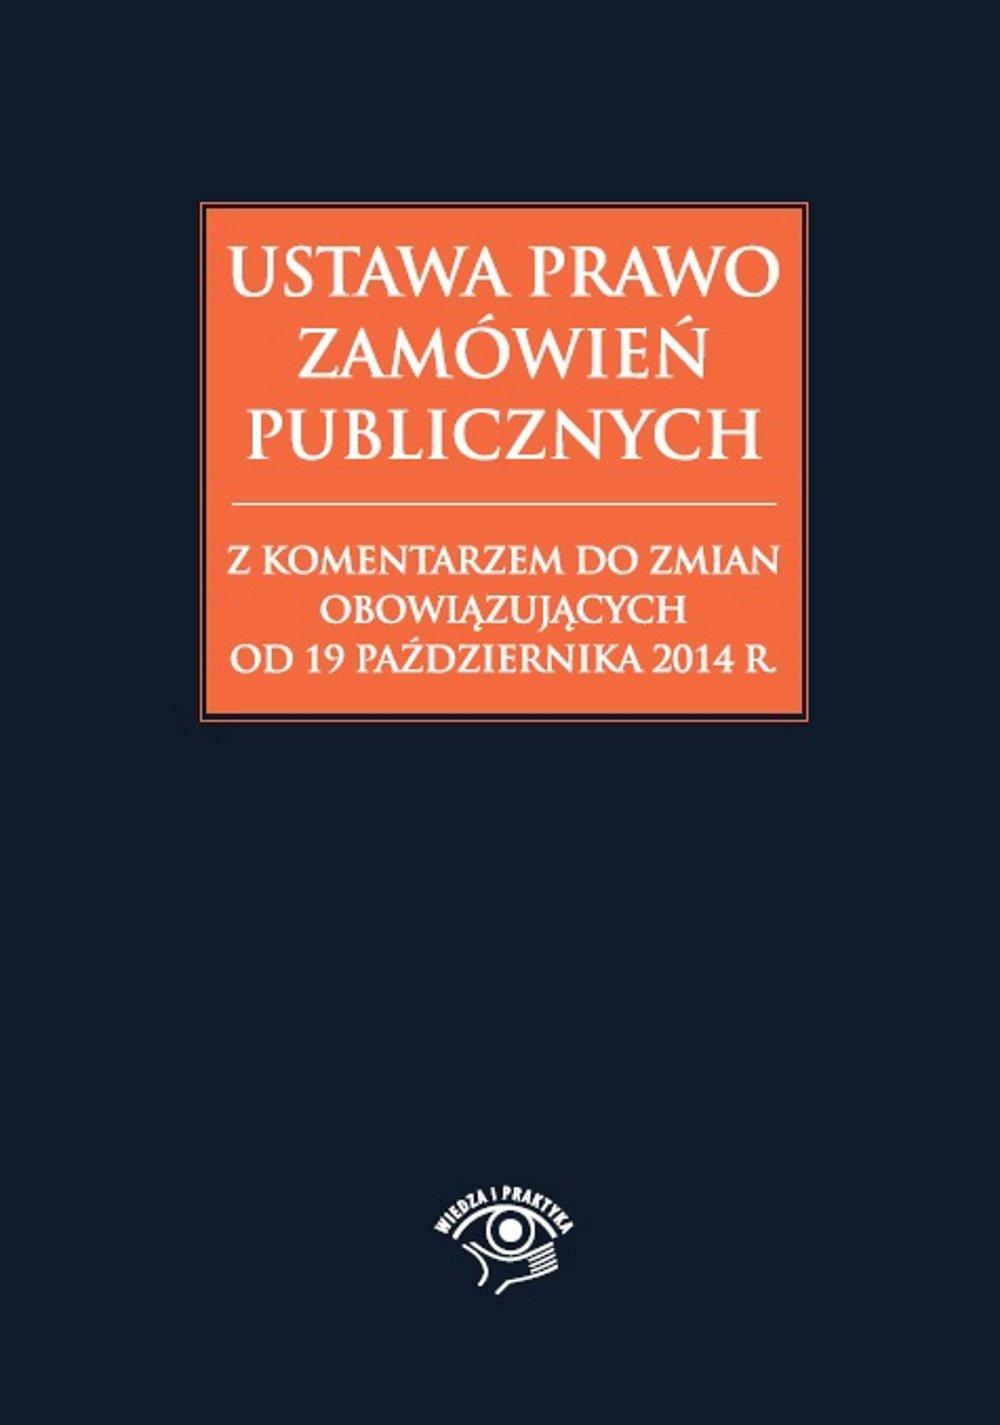 Ustawa Prawo zamówień publicznych z komentarzem do zmian obowiązujących od 19 października 2014 r. - Ebook (Książka na Kindle) do pobrania w formacie MOBI